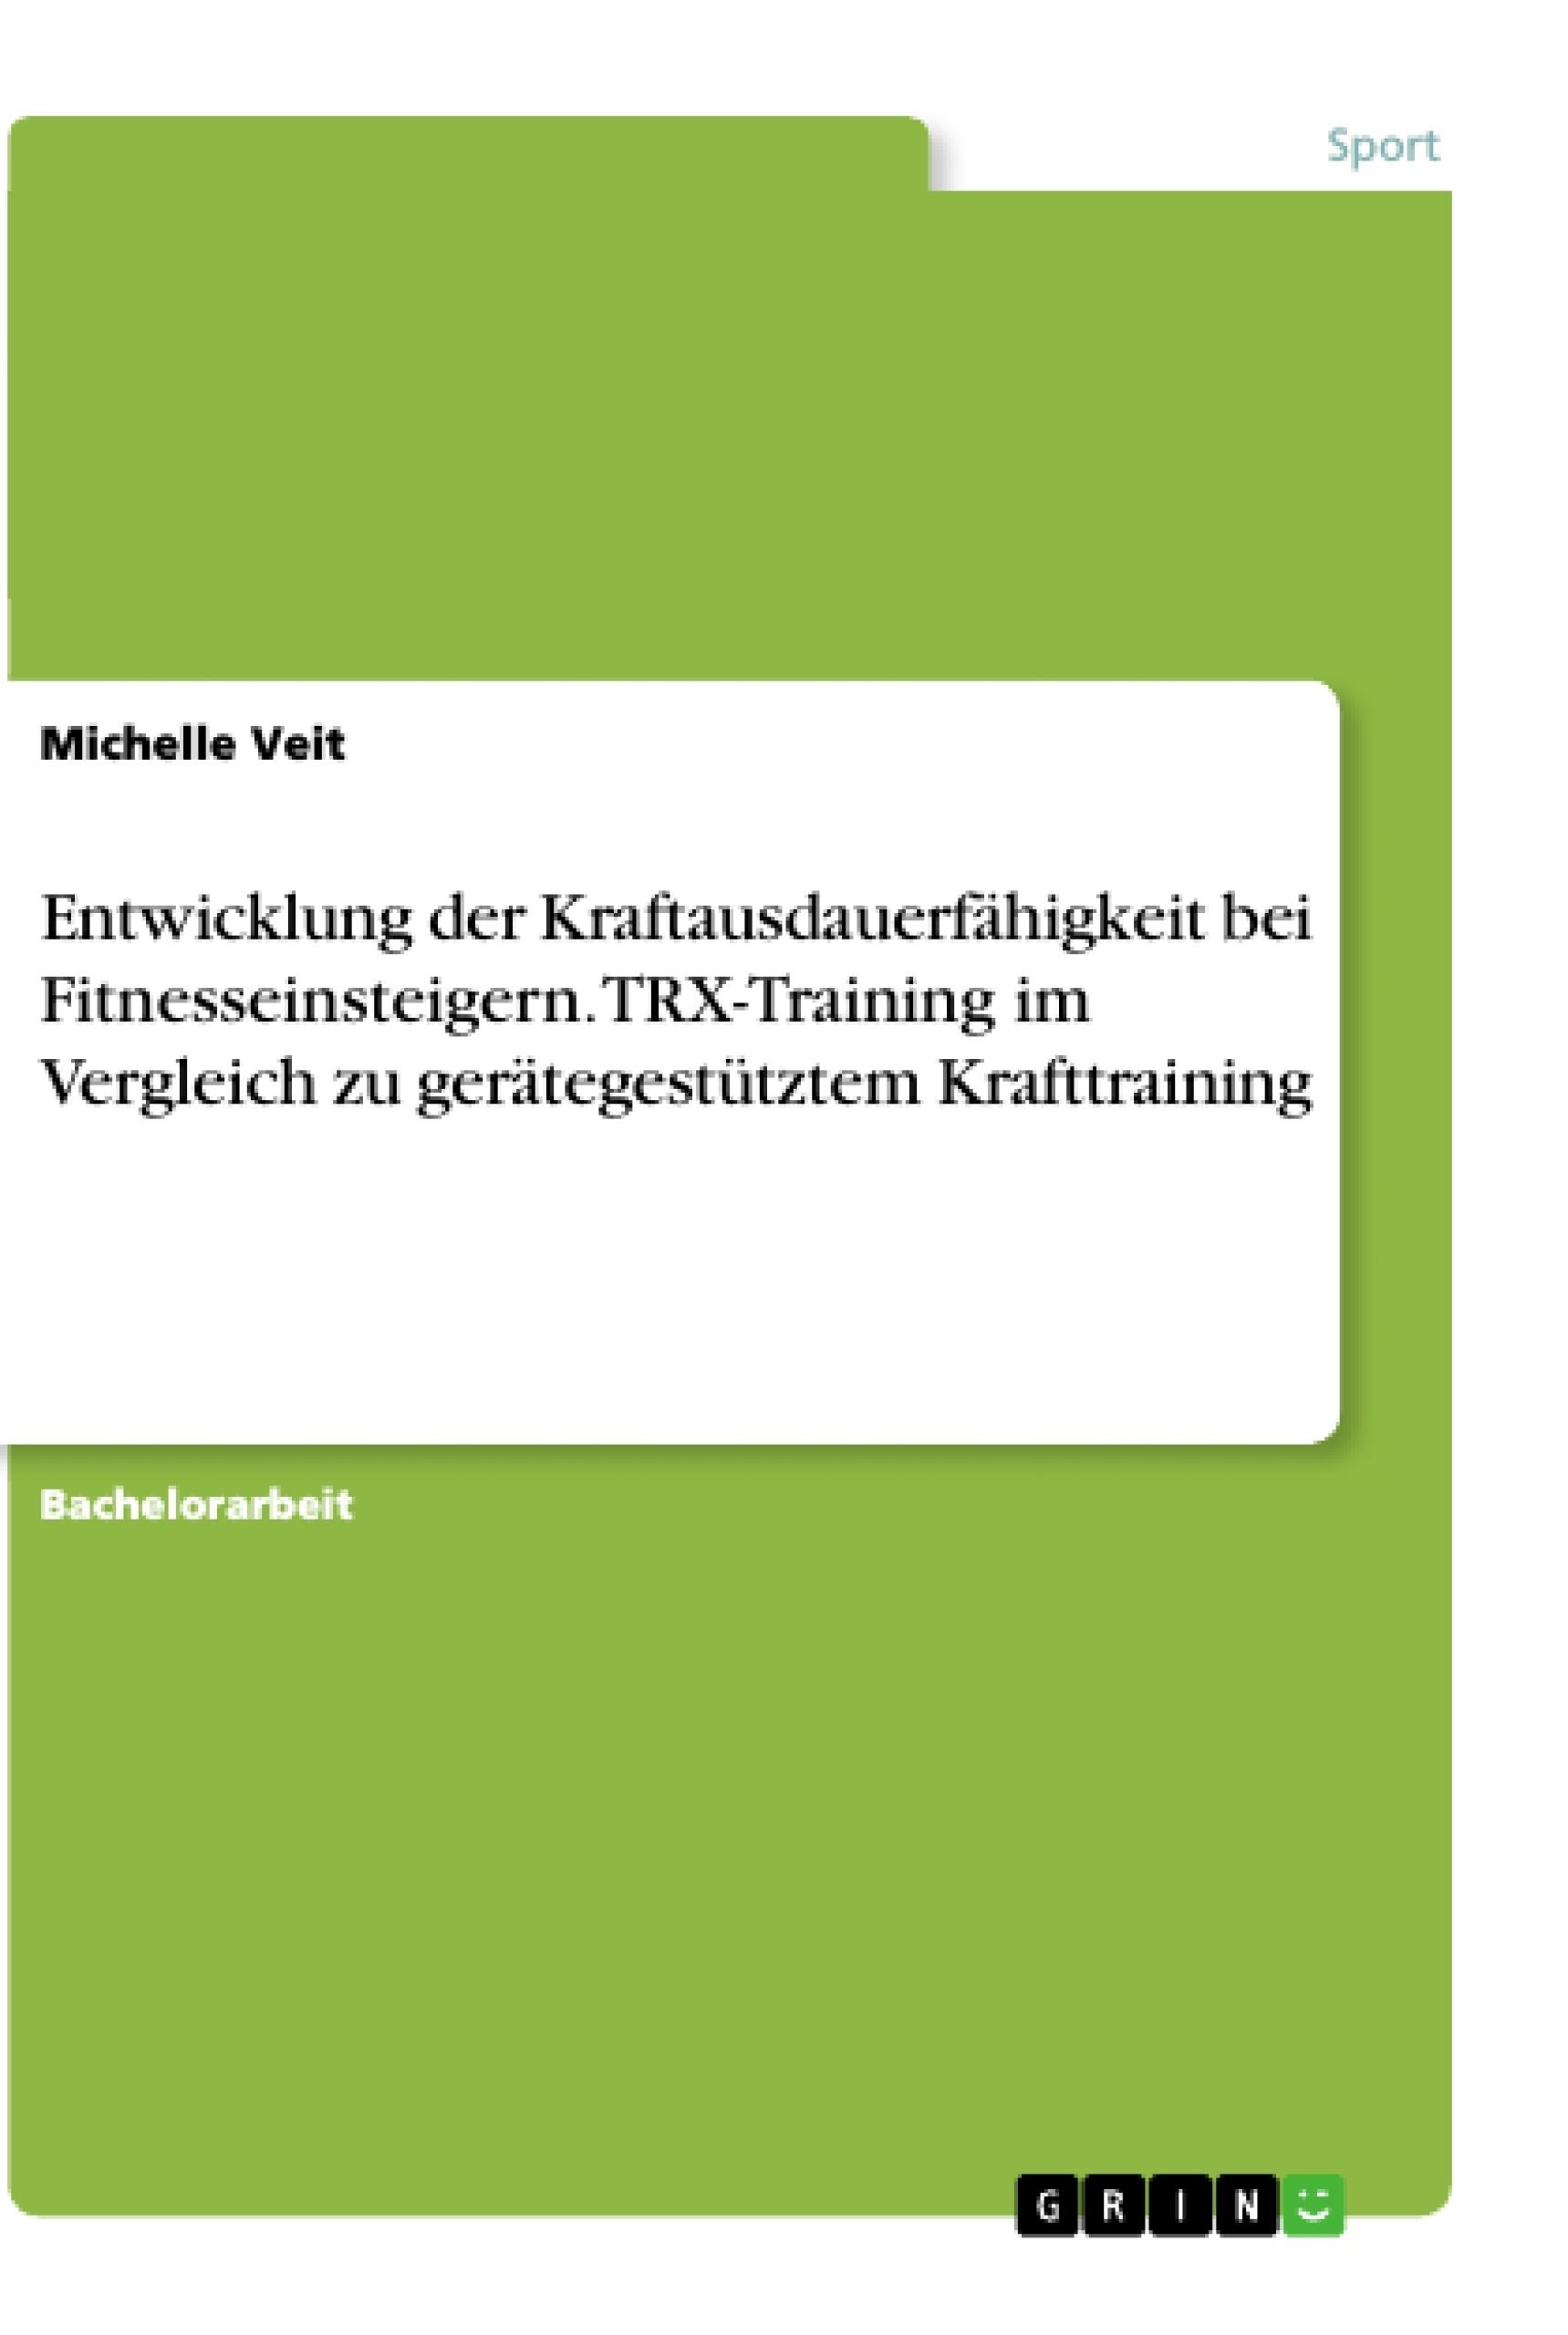 Titel: Entwicklung der Kraftausdauerfähigkeit bei Fitnesseinsteigern. TRX-Training im Vergleich zu gerätegestütztem Krafttraining